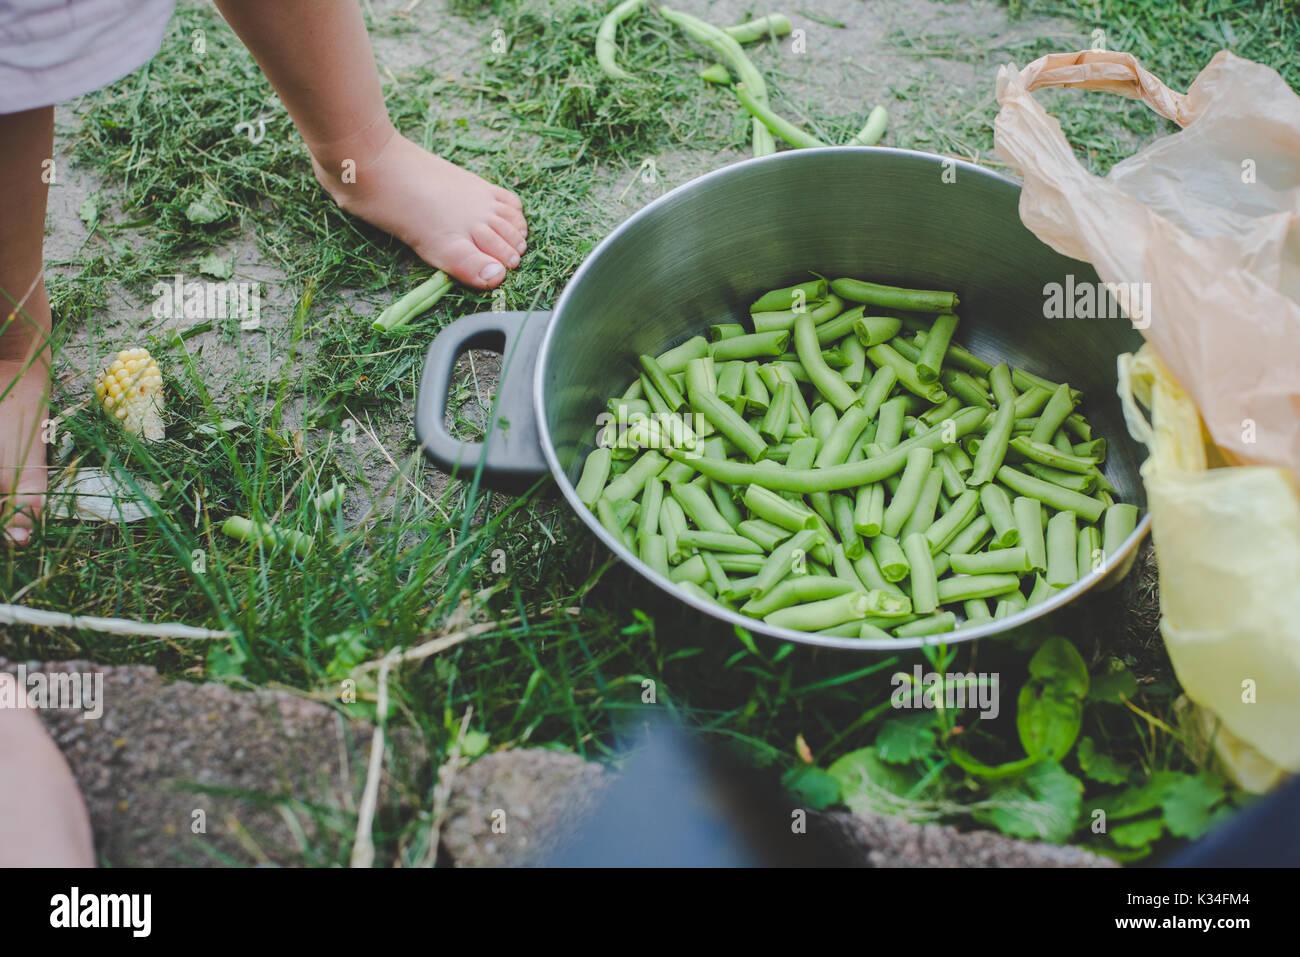 Riß frische grüne Bohnen in einer silbernen Topf. Stockbild